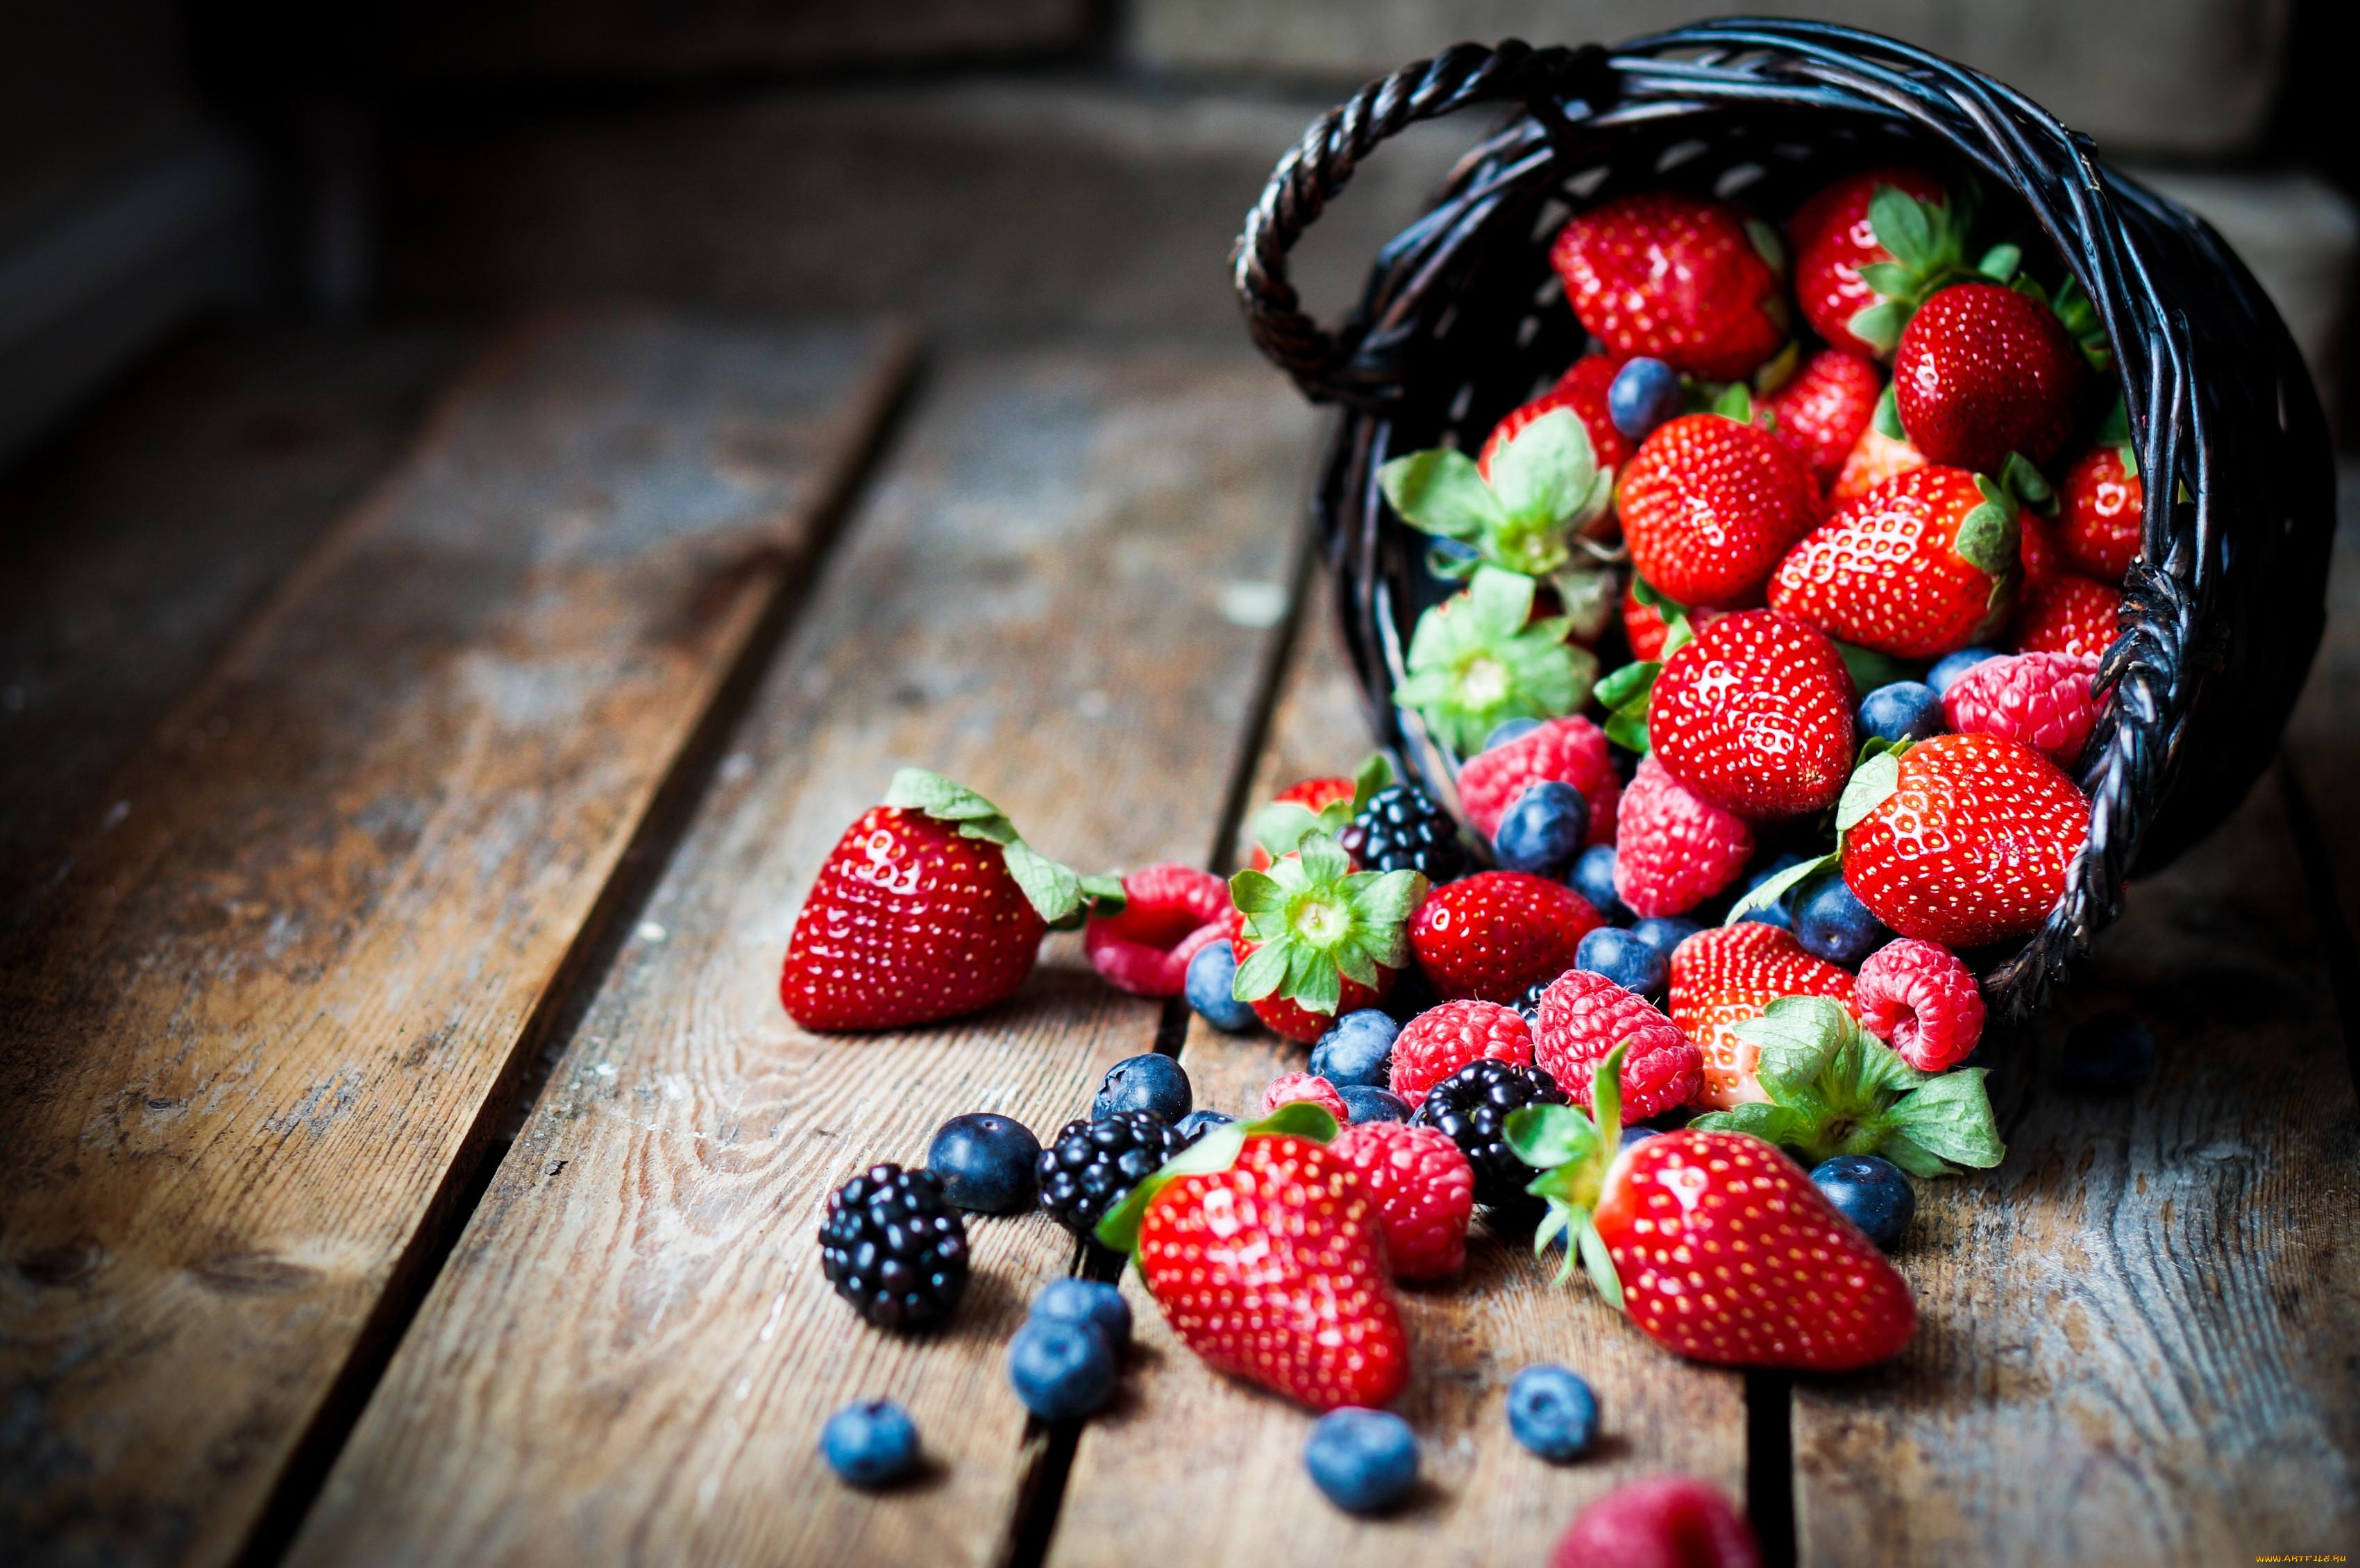 Большие красивые обои ягод для рабочего стола